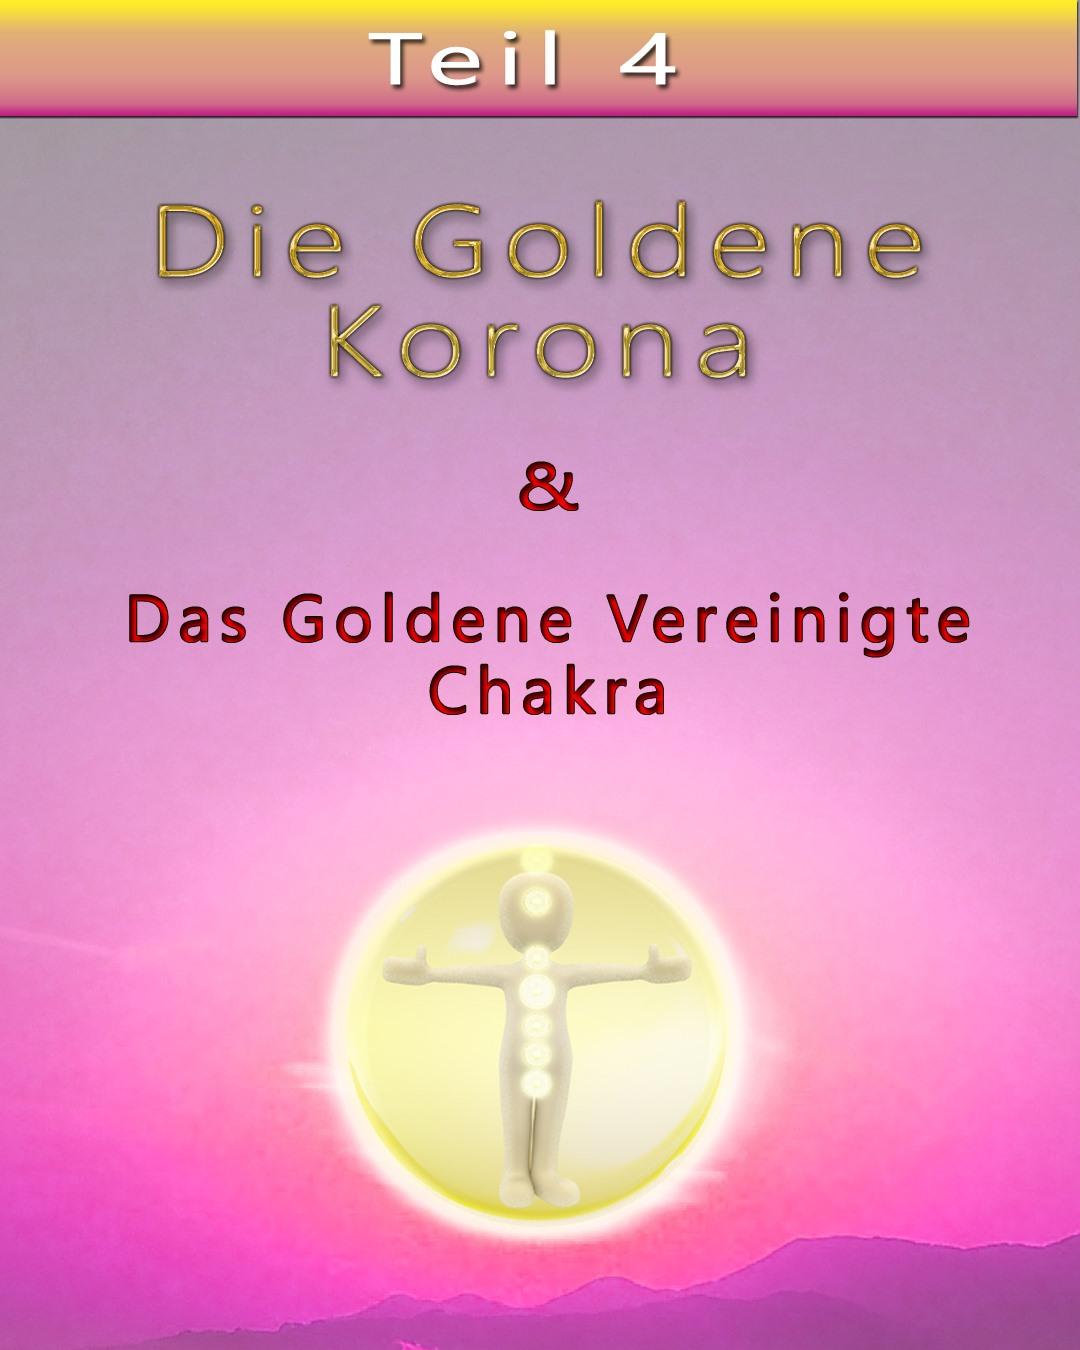 Das Goldene vereinigte Chakra